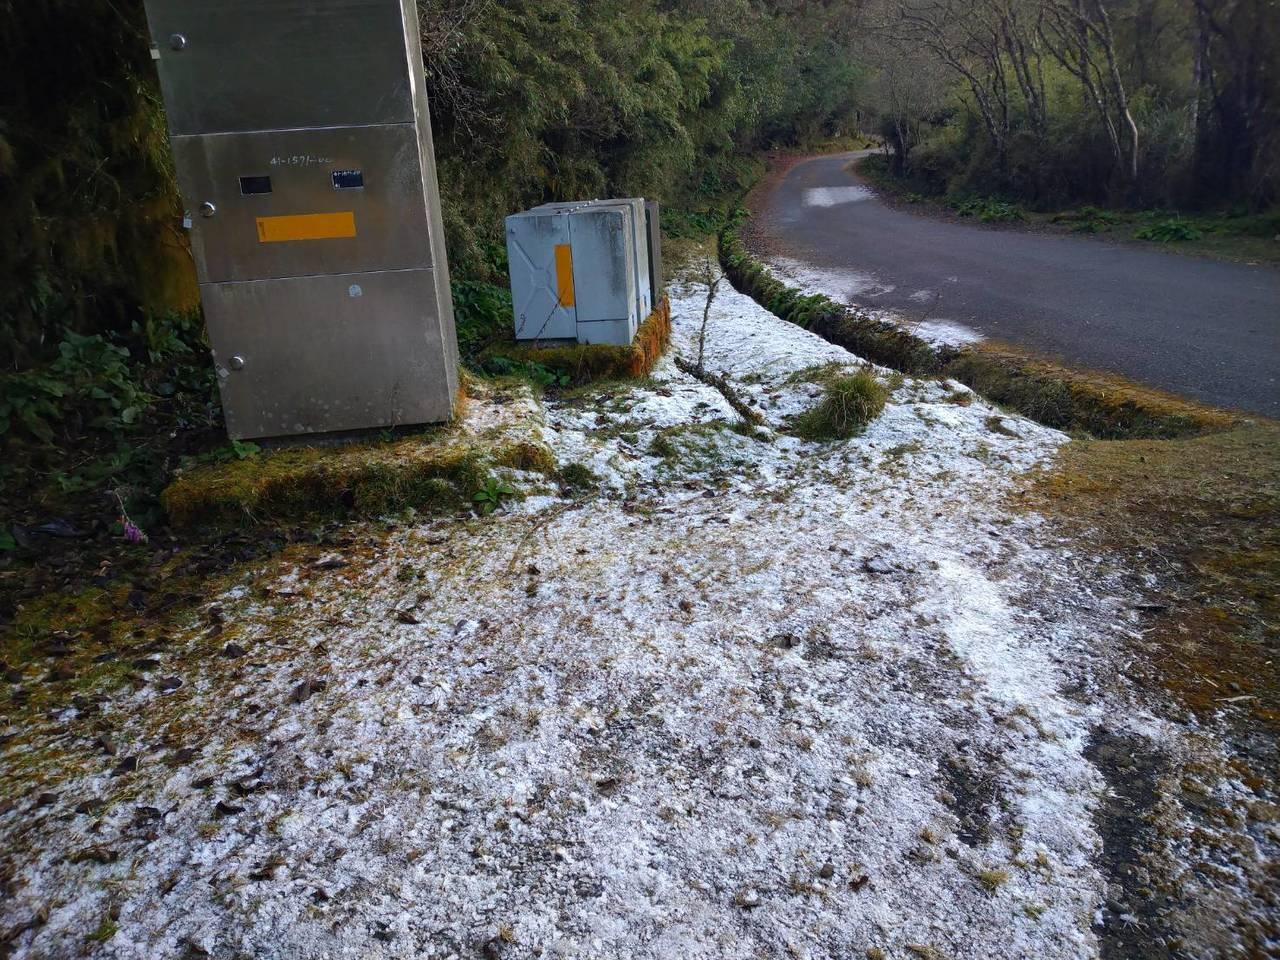 新中橫塔塔加今天清晨結霜,路面如同鋪上一層銀粉,讓遊客驚艷。圖/印莉敏提供